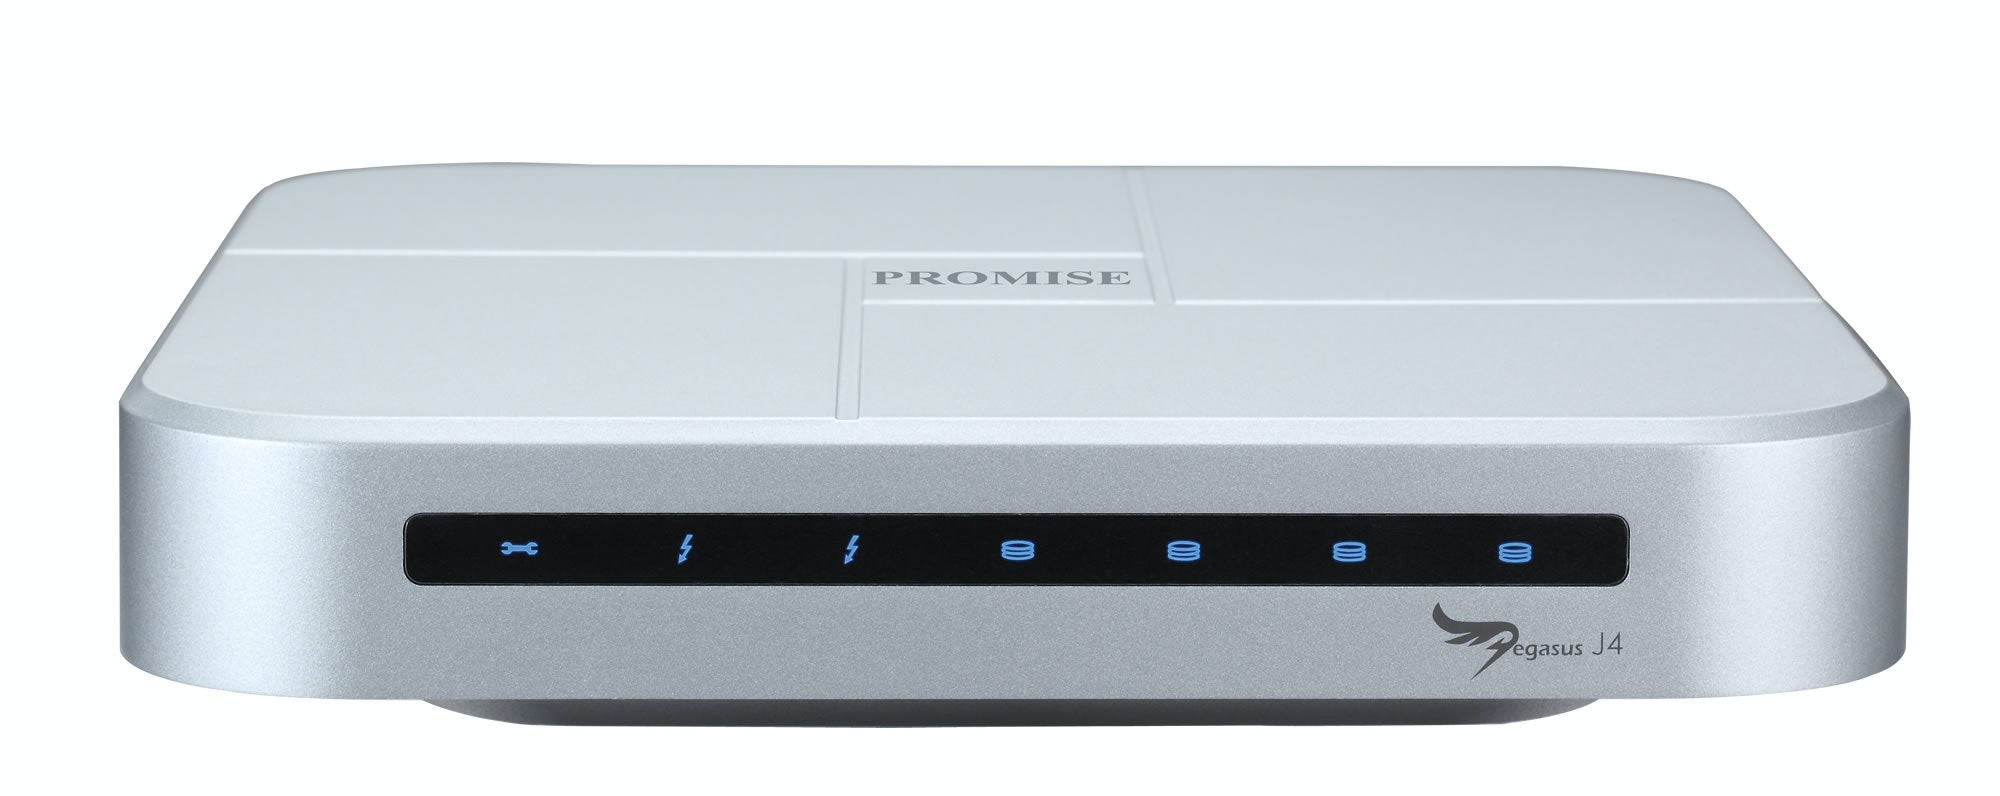 是最多支援 4 顆 2.5 吋硬碟,喬鼎 Pegasus J4 Thunderbolt 外接儲存上市這篇文章的首圖